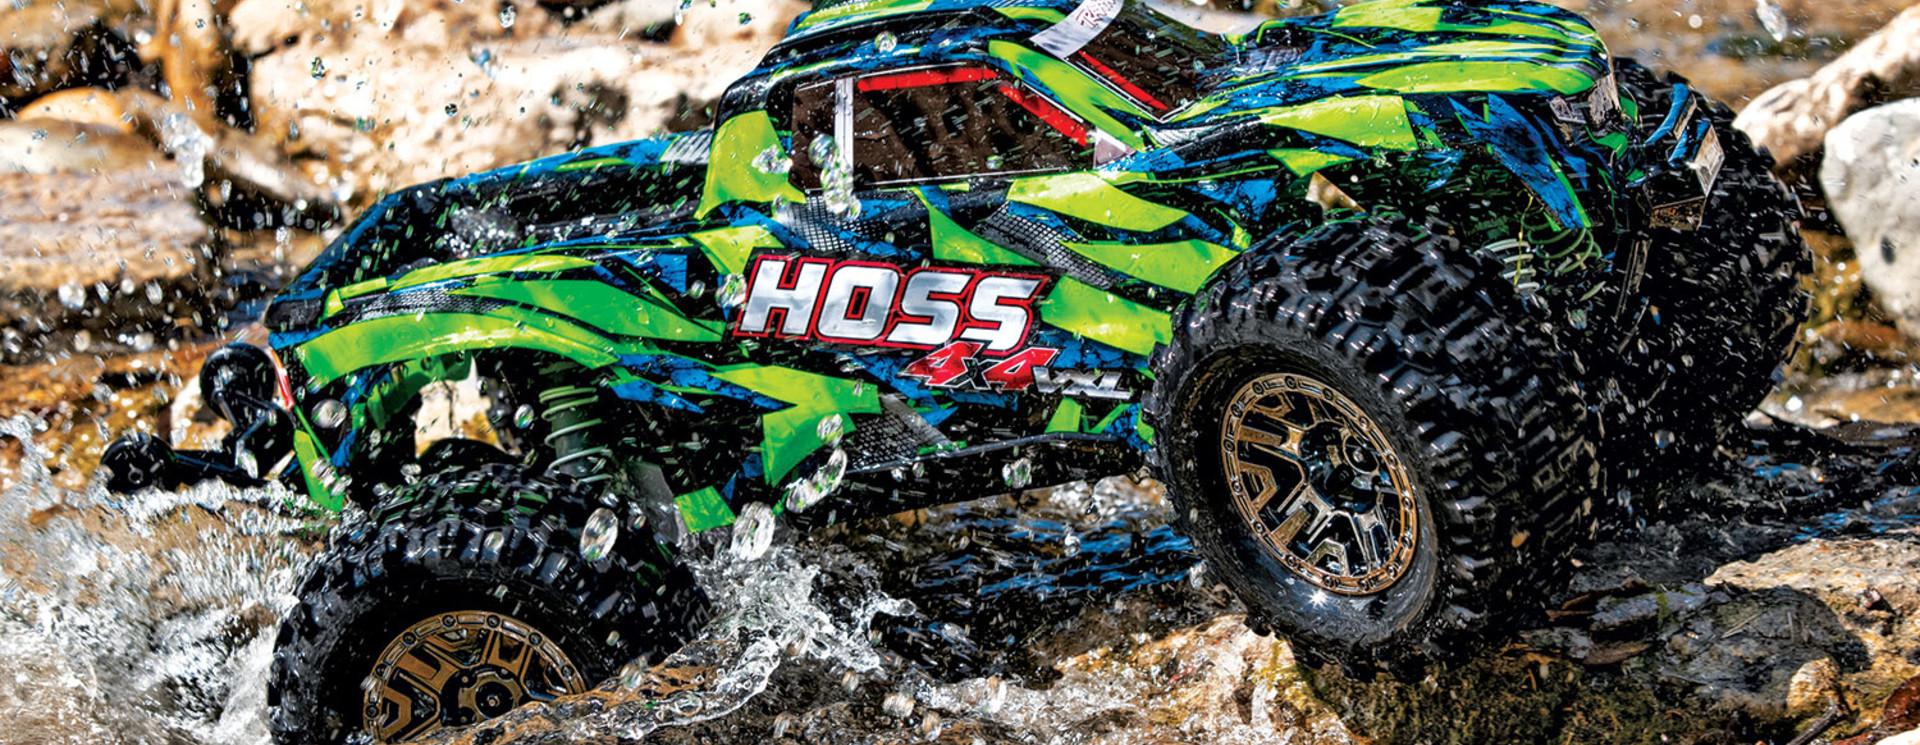 Tekening Hoss 4x4 VXL